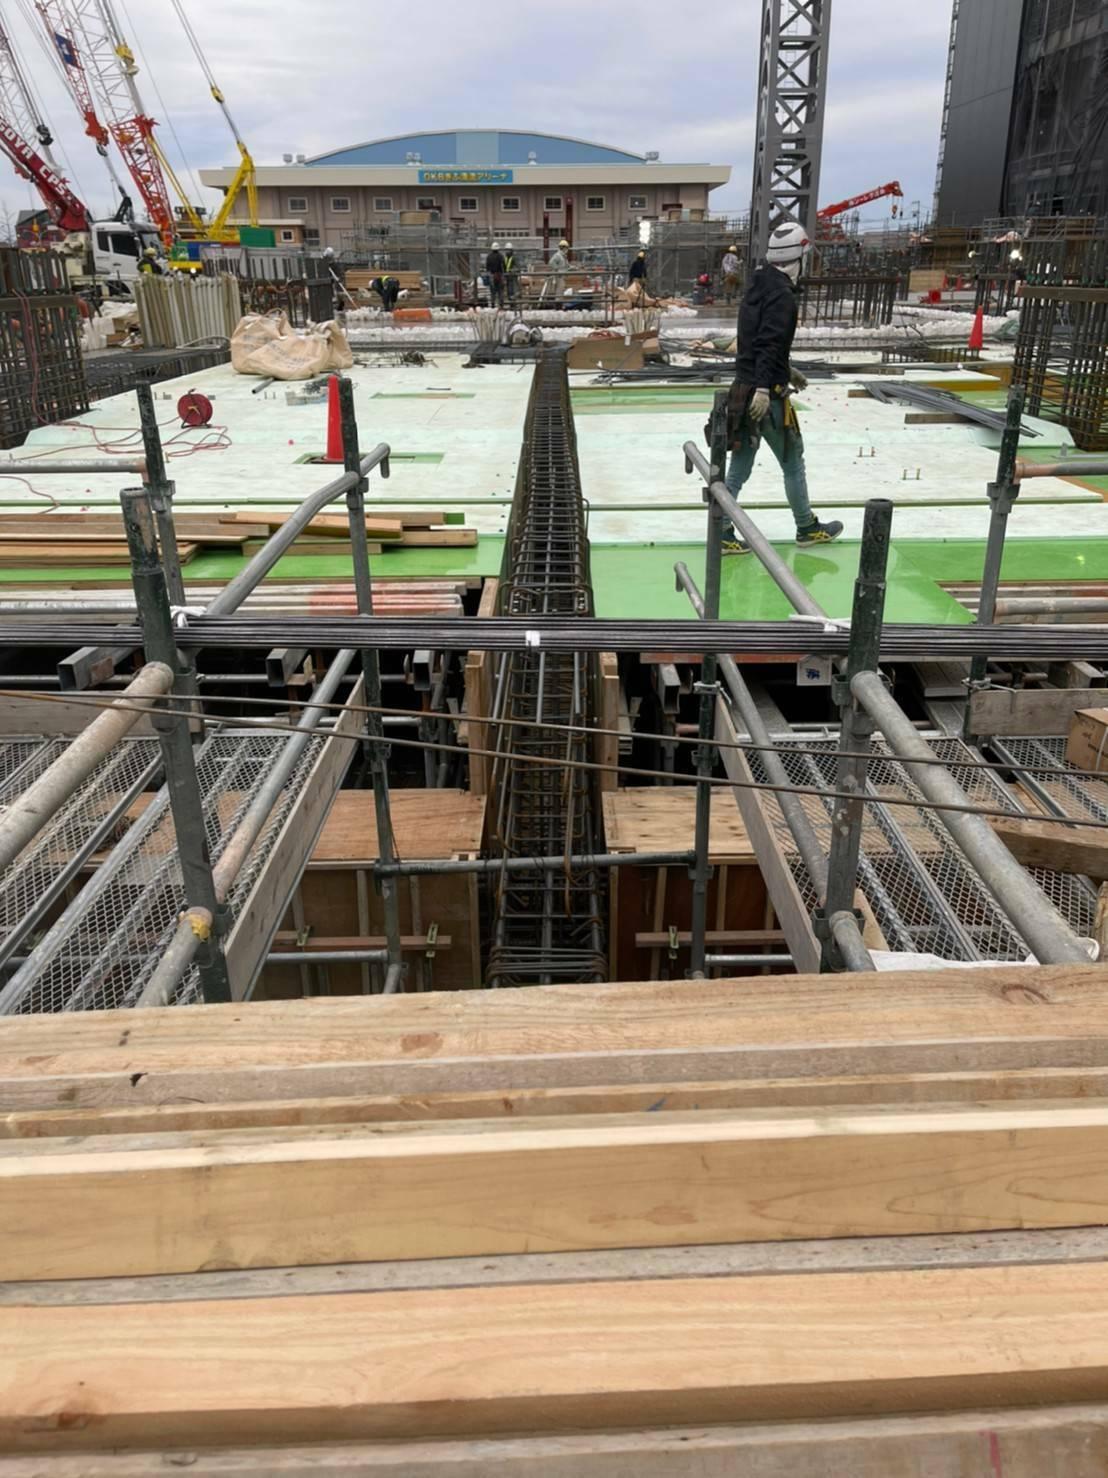 【Gifu】Carpenter at Reinforced Concrete Building Construction Sites